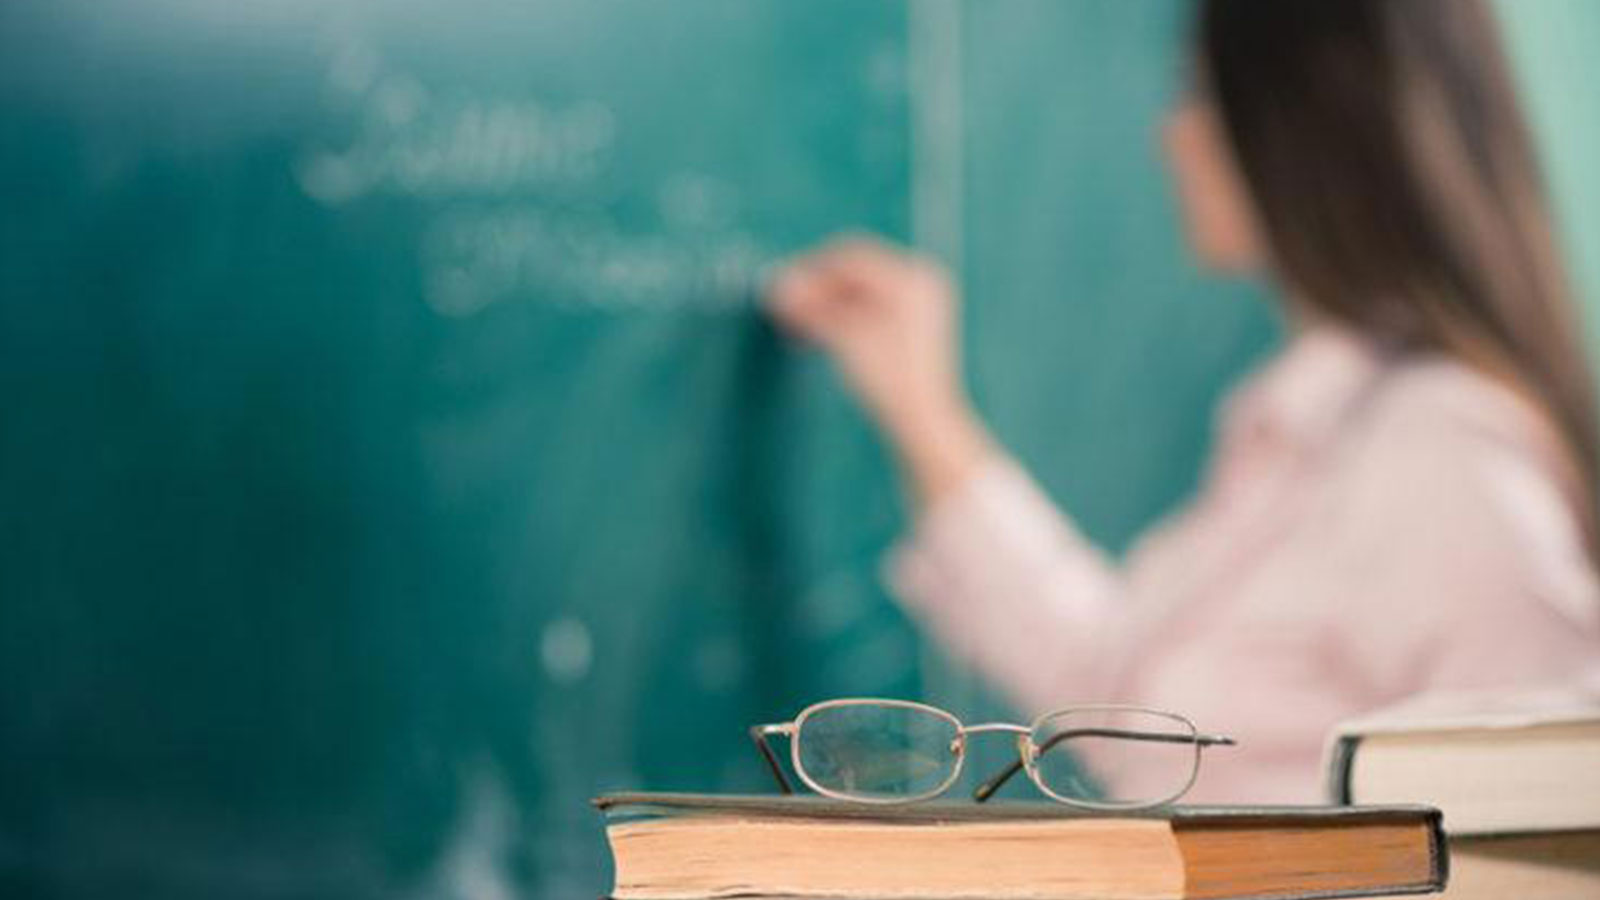 Sözleşmeli öğretmenlik mülakat yerleri açıklandı mı? Sözleşmeli öğretmenlik sözlü sınav ne zaman?